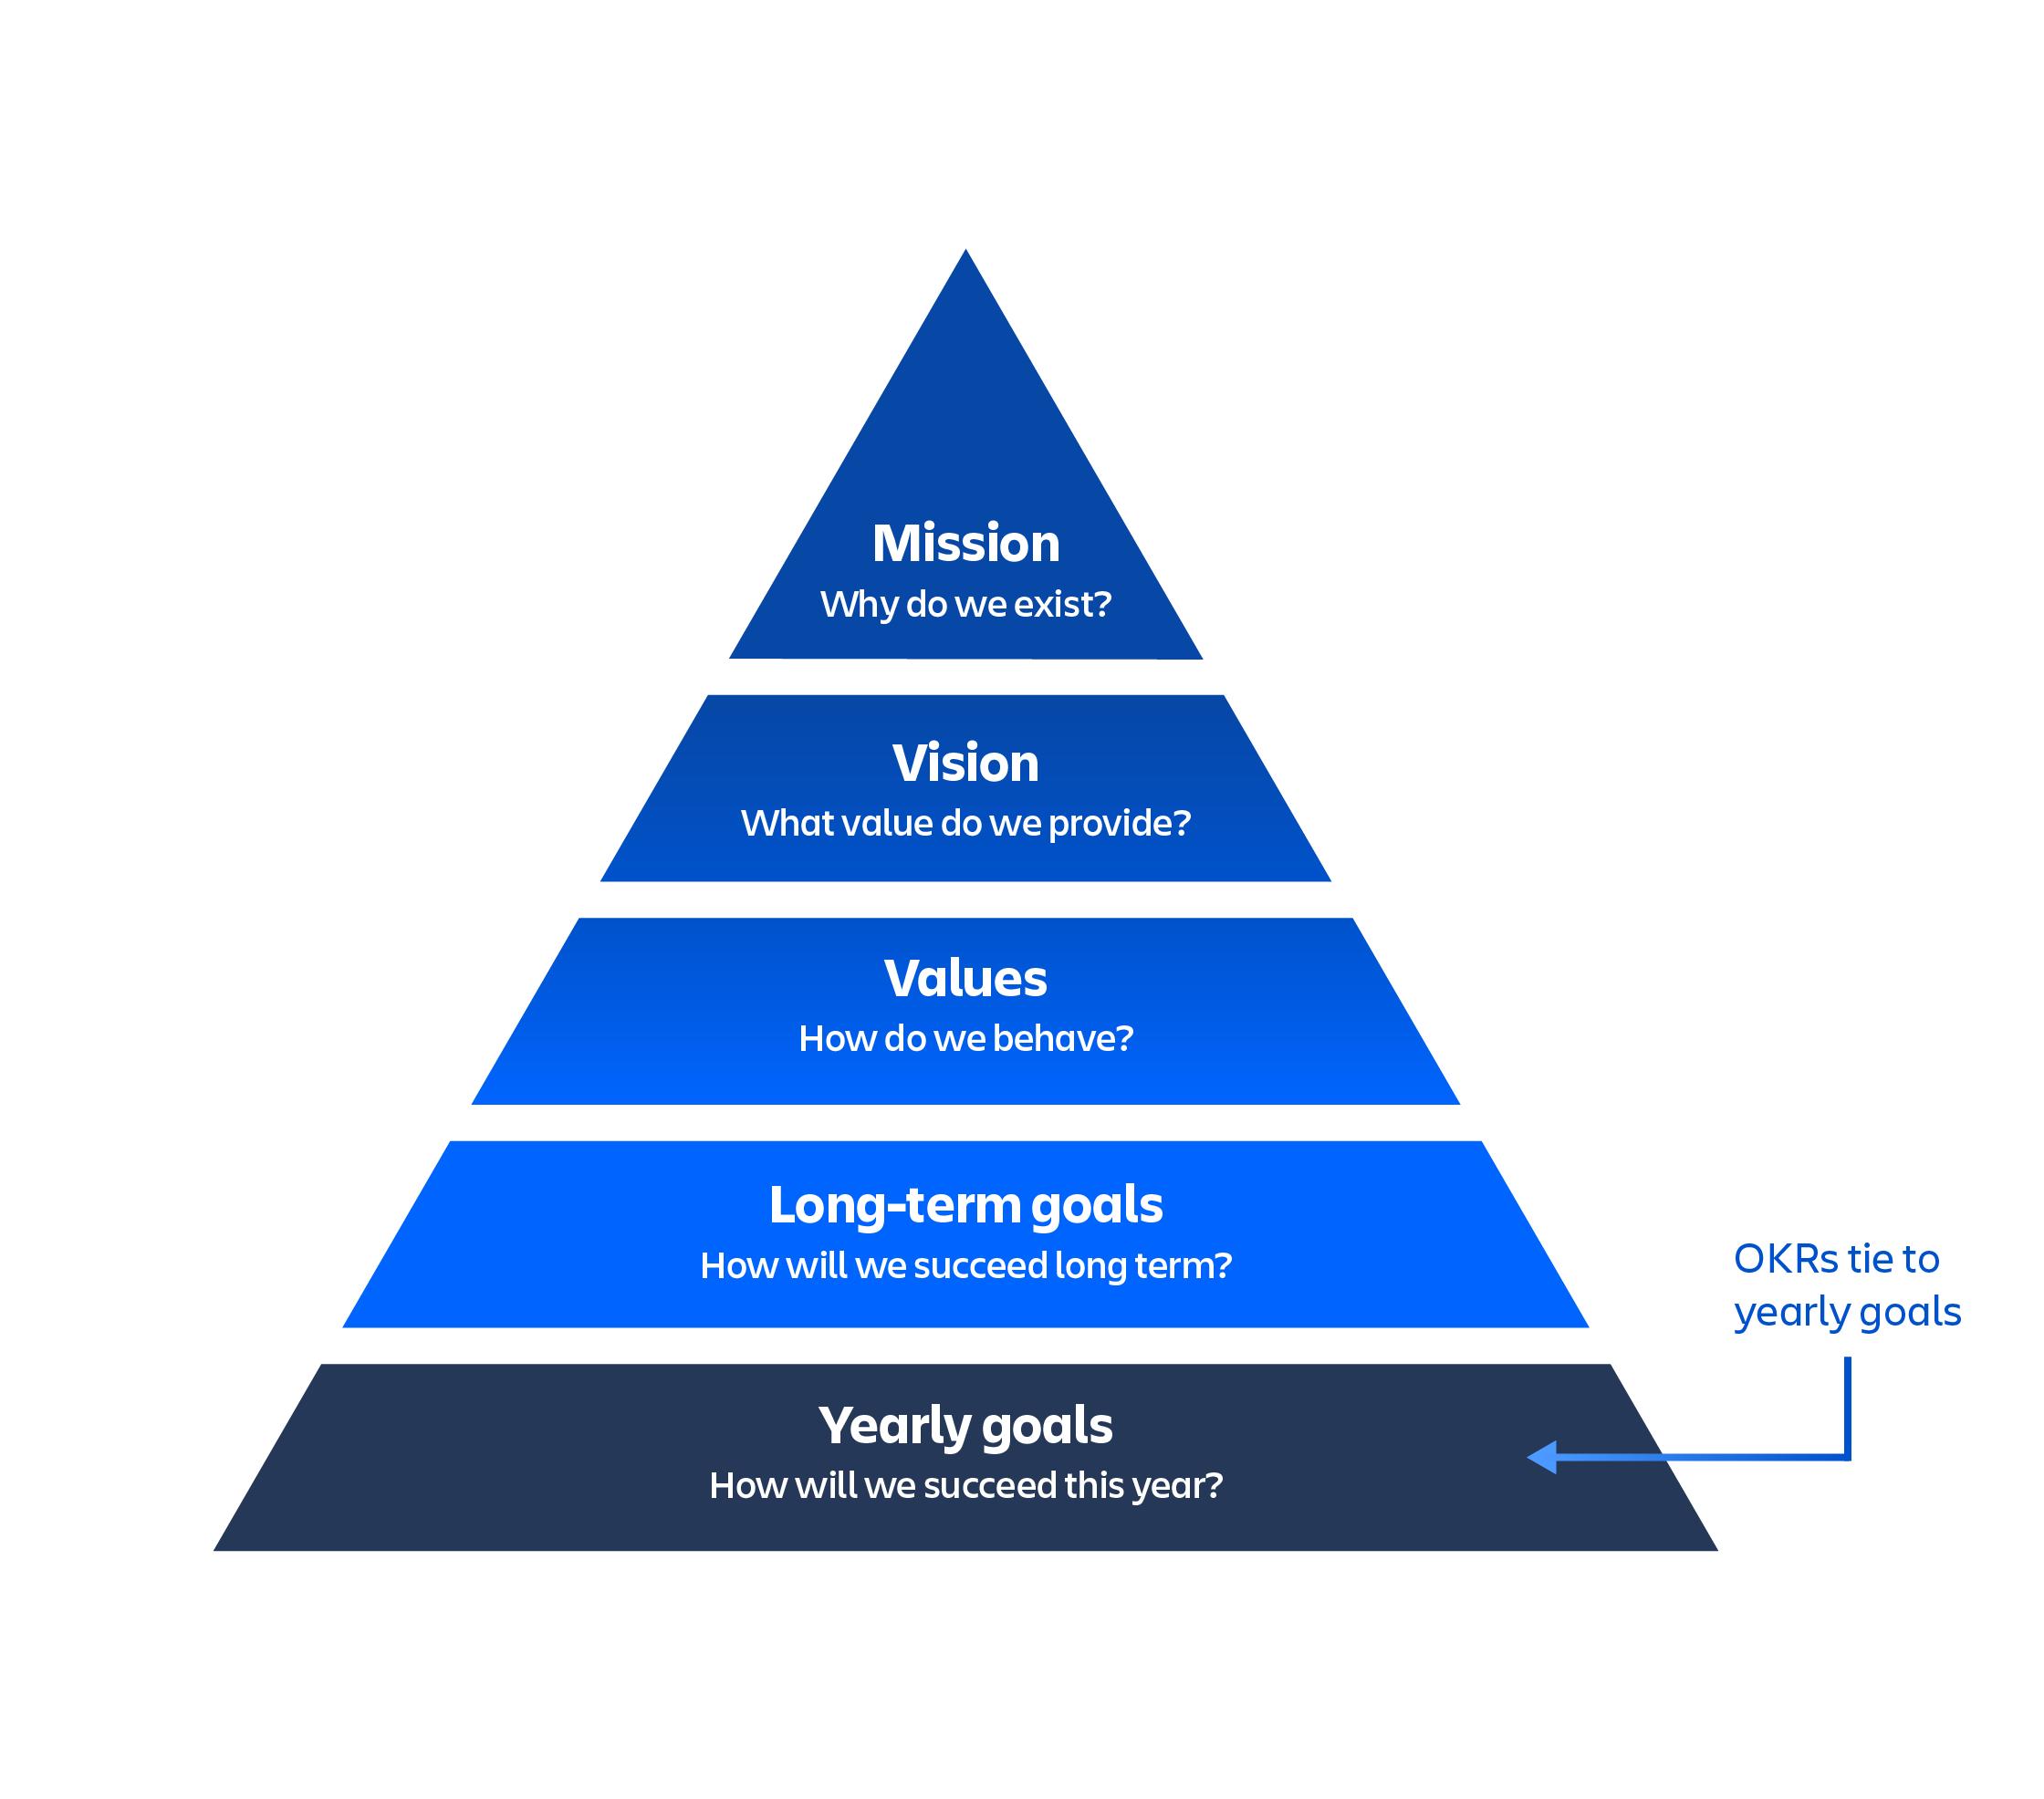 A pirâmide de OKRs com os objetivos anuais em sua base